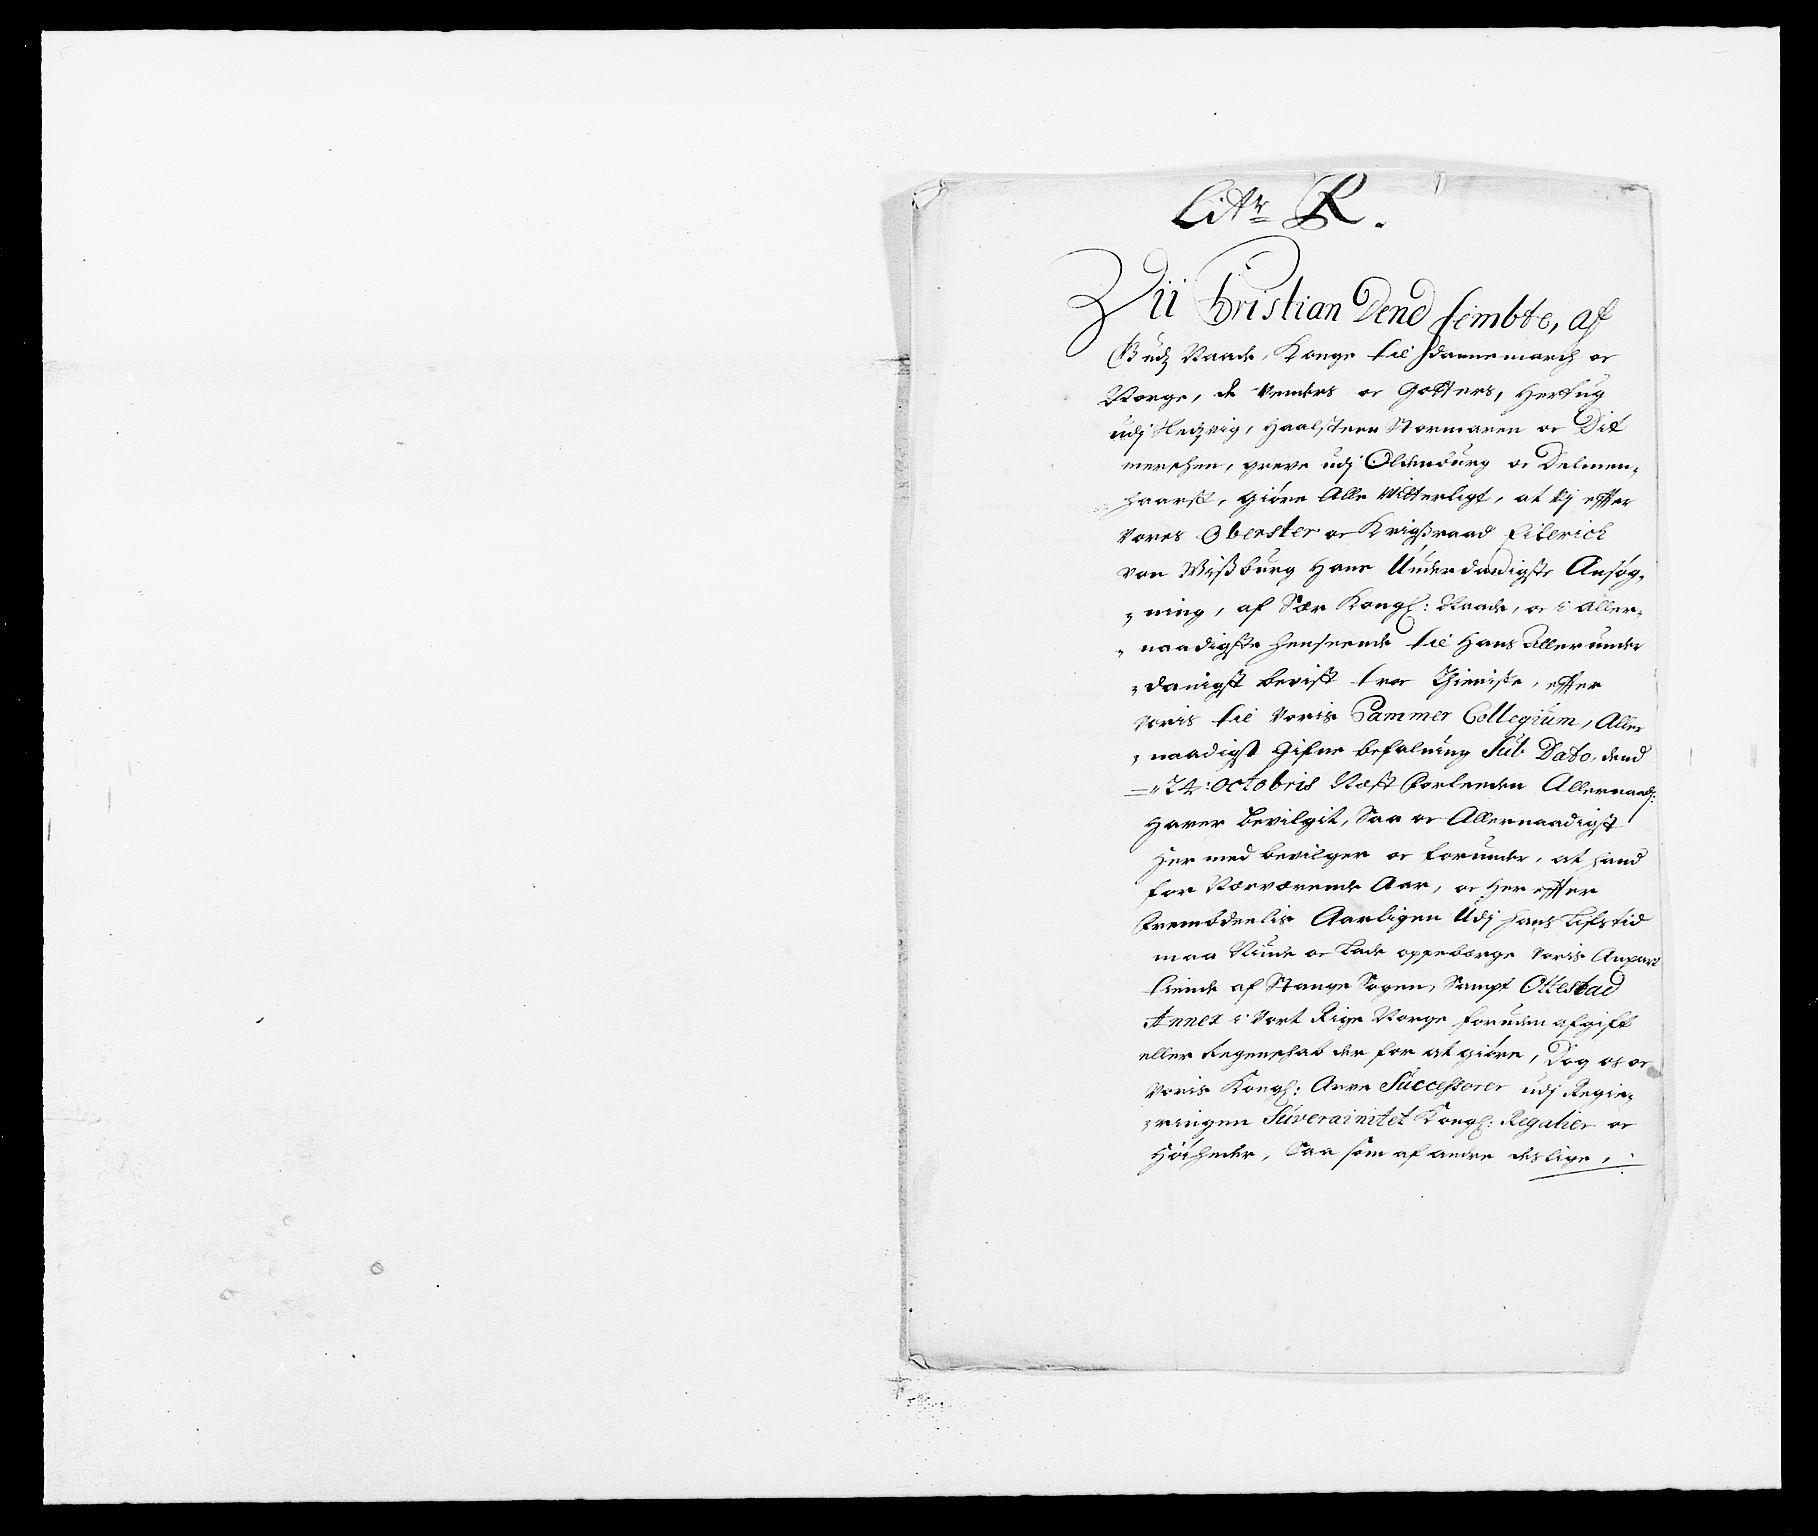 RA, Rentekammeret inntil 1814, Reviderte regnskaper, Fogderegnskap, R16/L1031: Fogderegnskap Hedmark, 1689-1692, s. 77